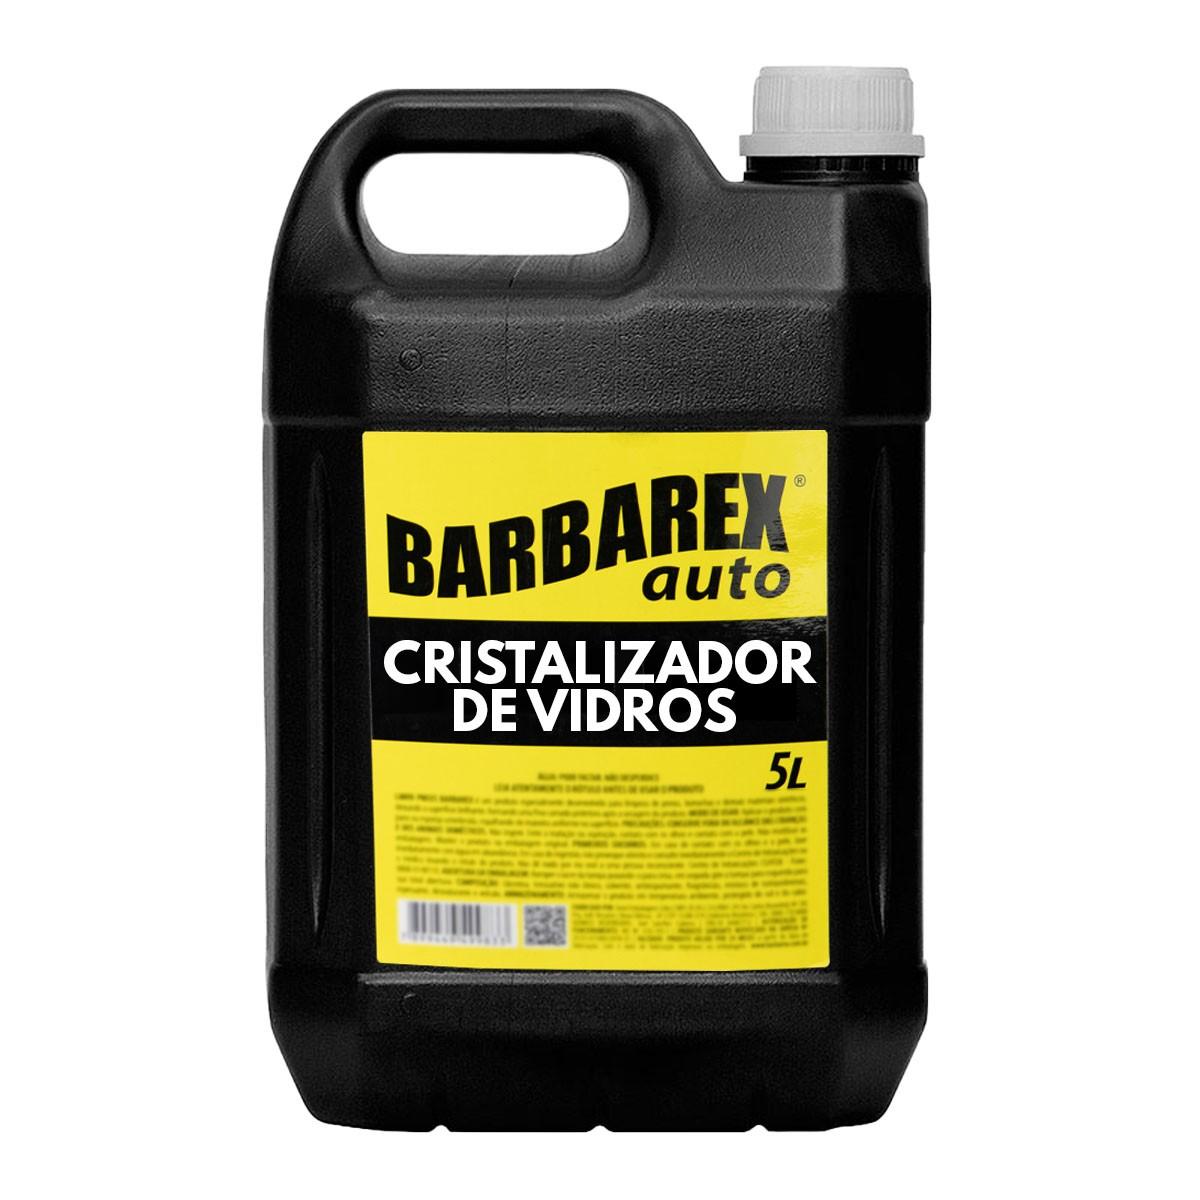 Barbarex Auto Cristalizador de Vidros 5 Litros